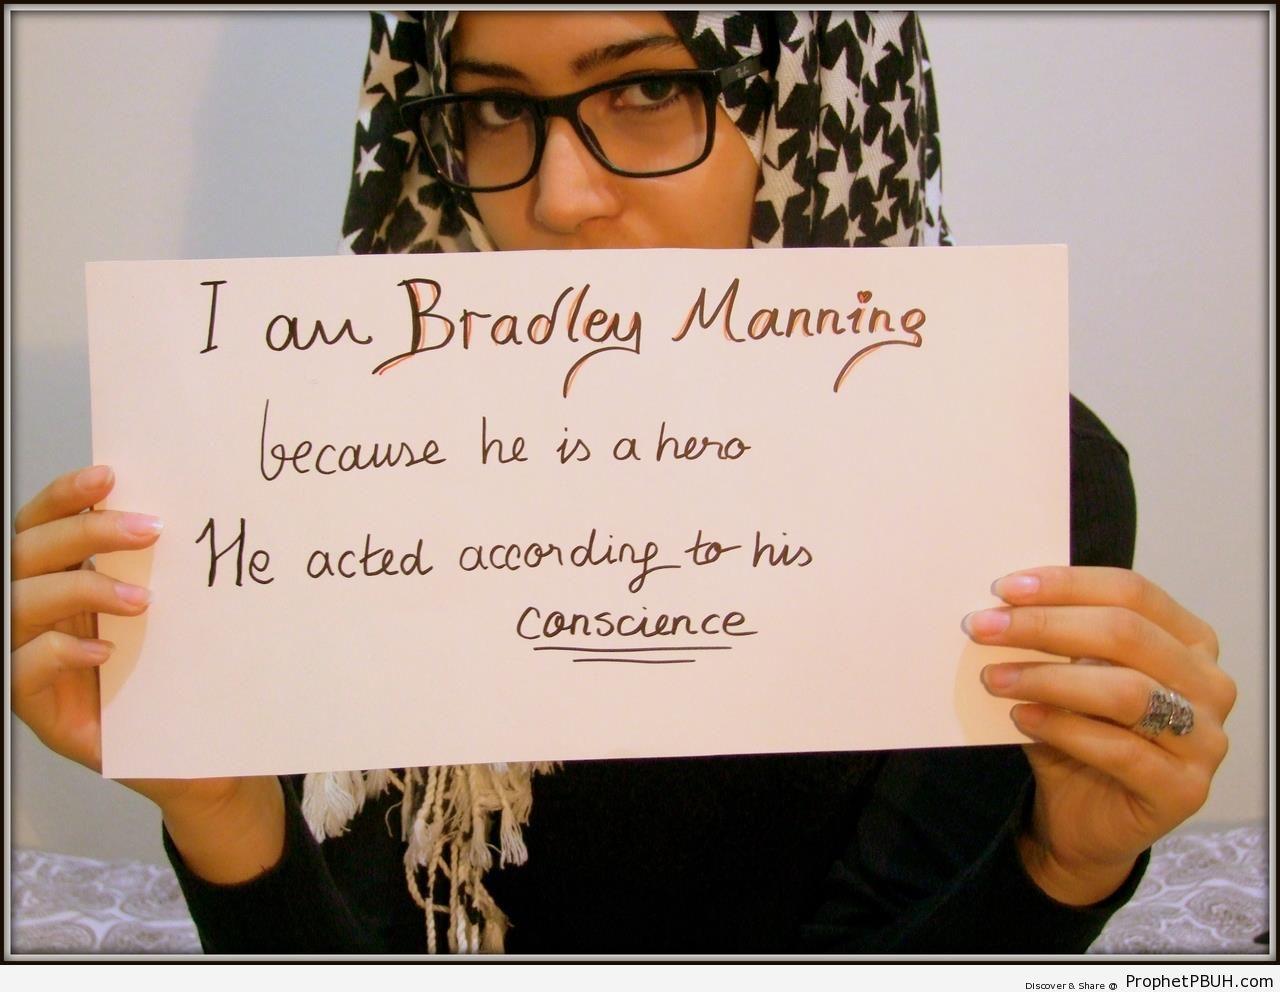 I am Bradley Manning Poster - Bradley Manning Posters